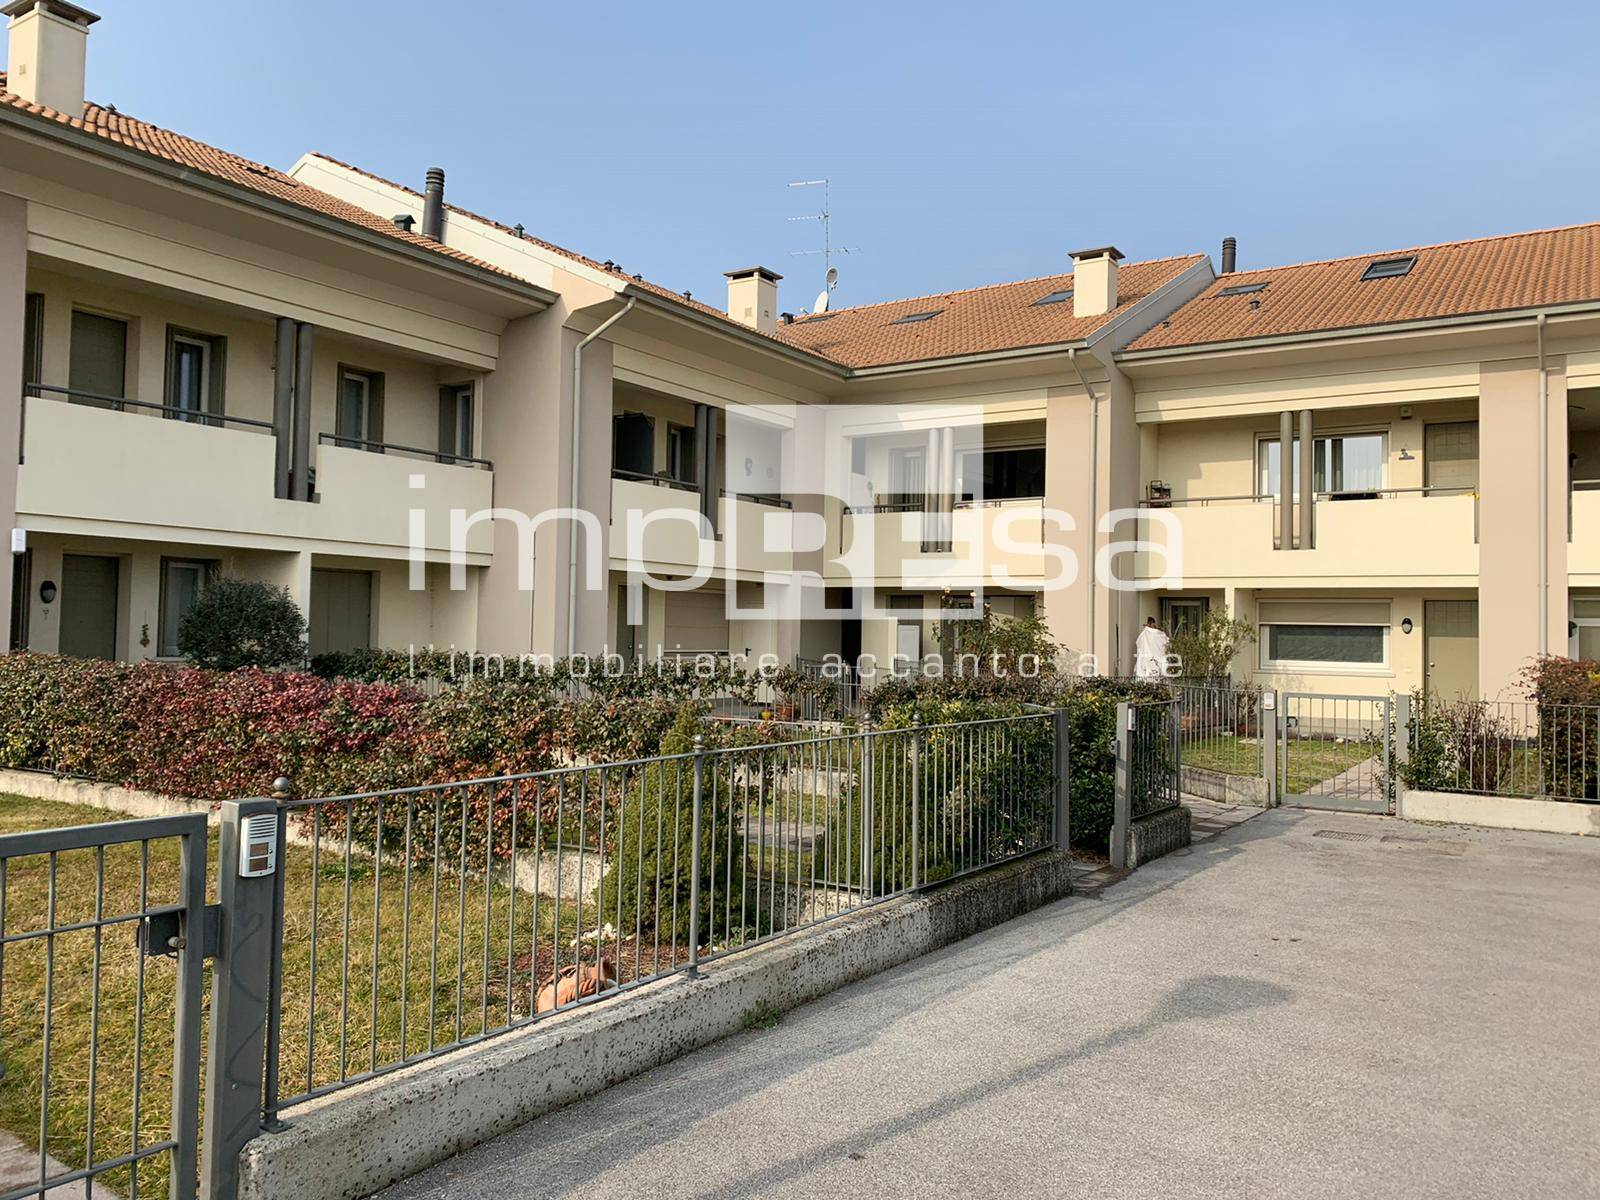 Appartamento in vendita a Santa Lucia di Piave, 5 locali, prezzo € 235.000   PortaleAgenzieImmobiliari.it